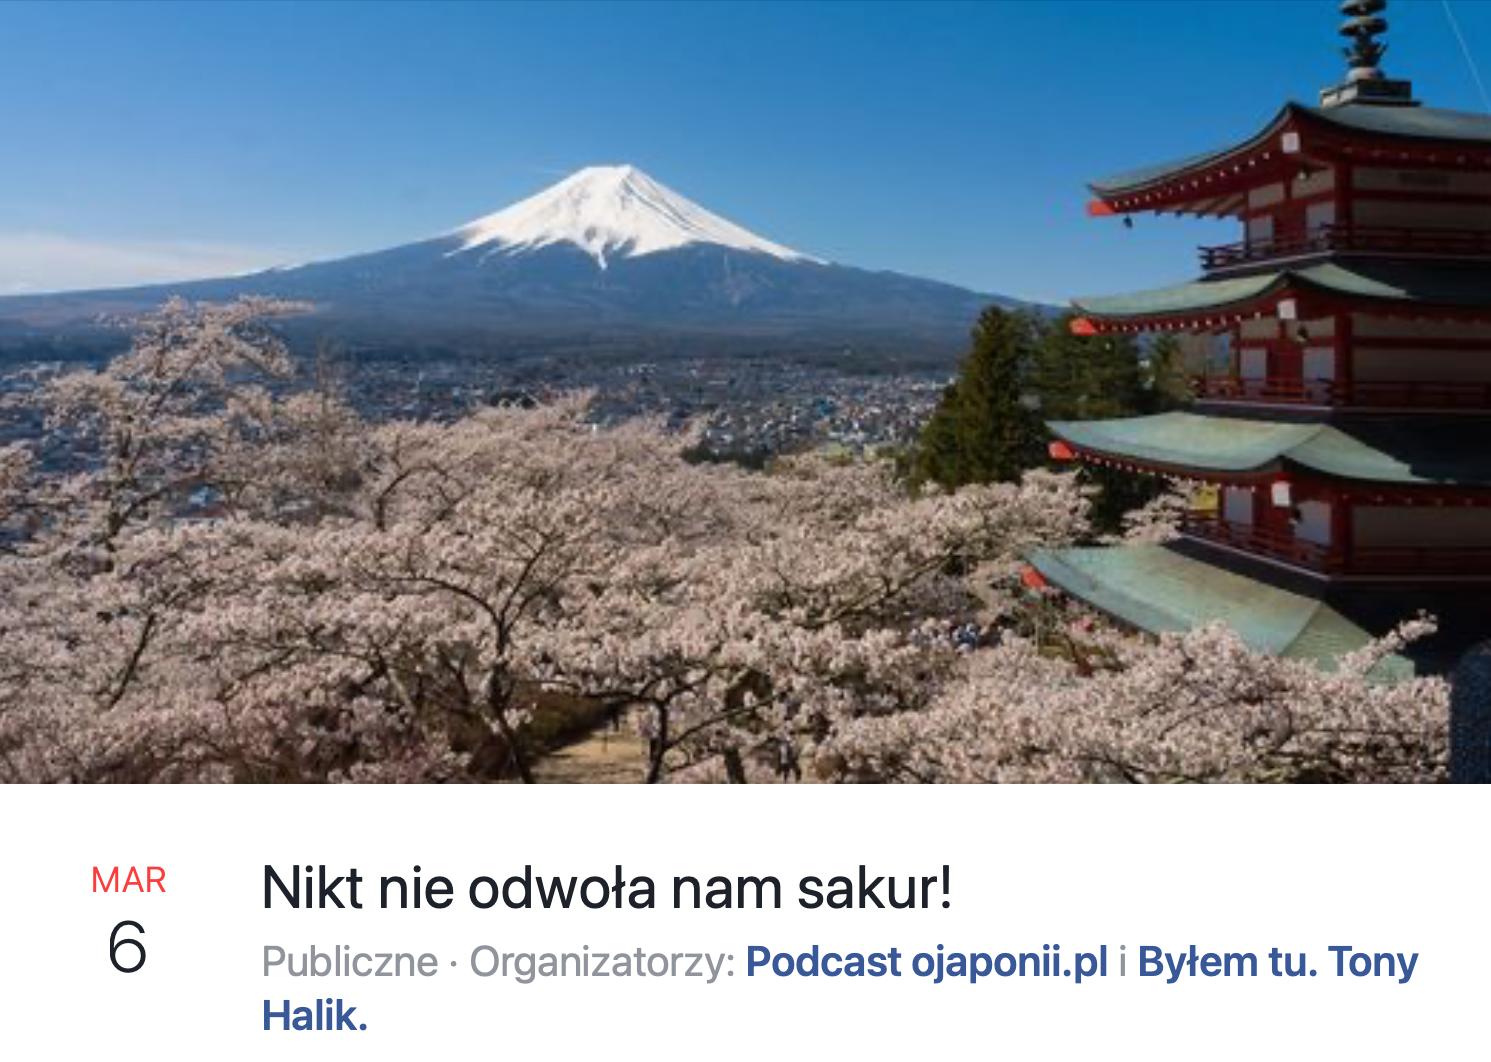 Nikt nie odwoła nam sakur! (zaproszenie na spotkanie LIVE o Japonii)